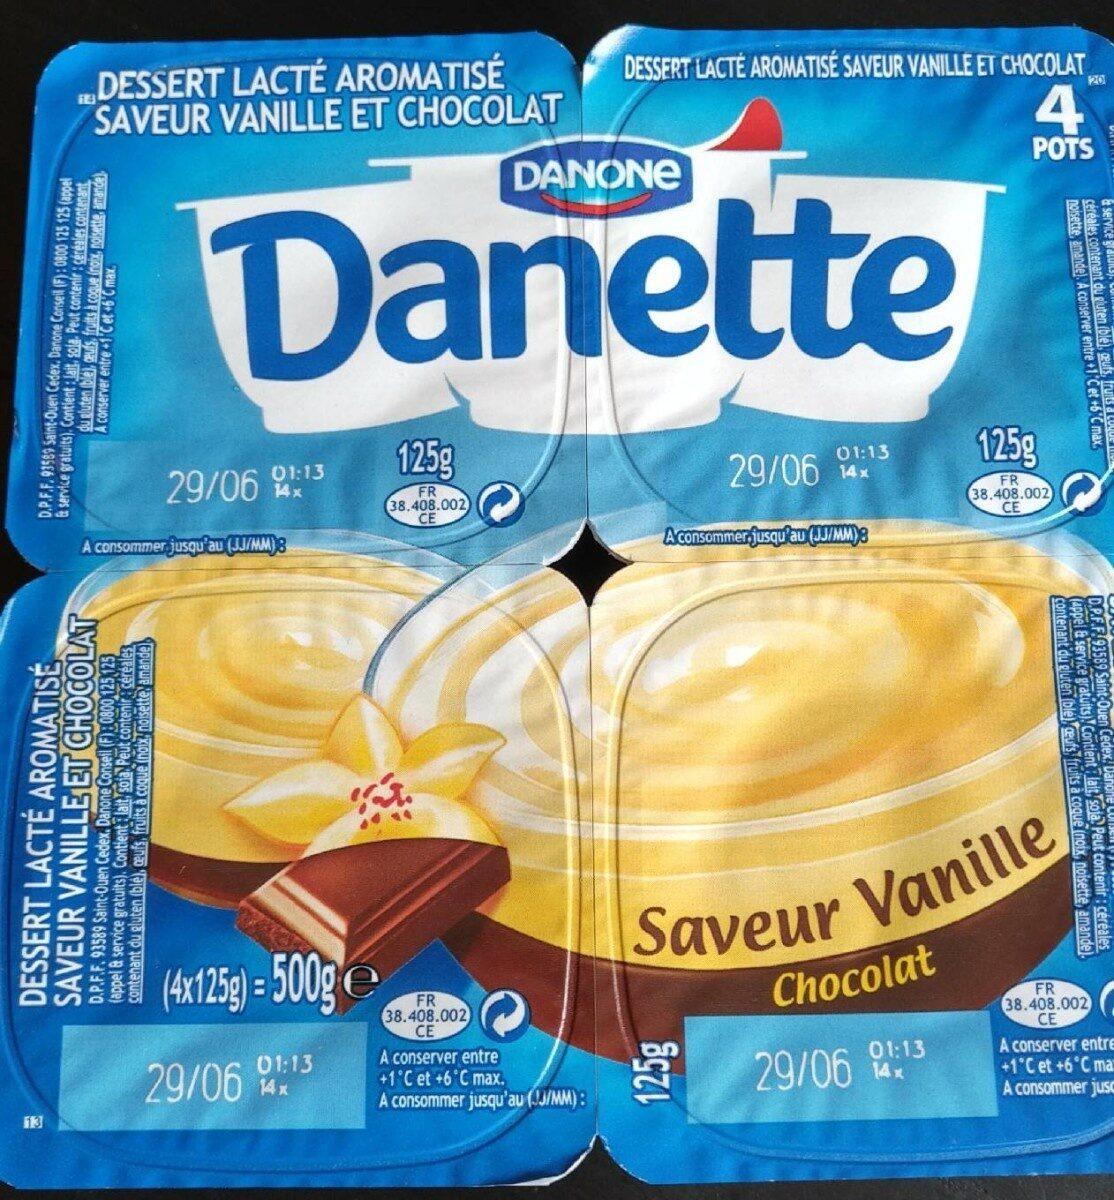 Danette saveur Vanille chocolat - Produit - fr